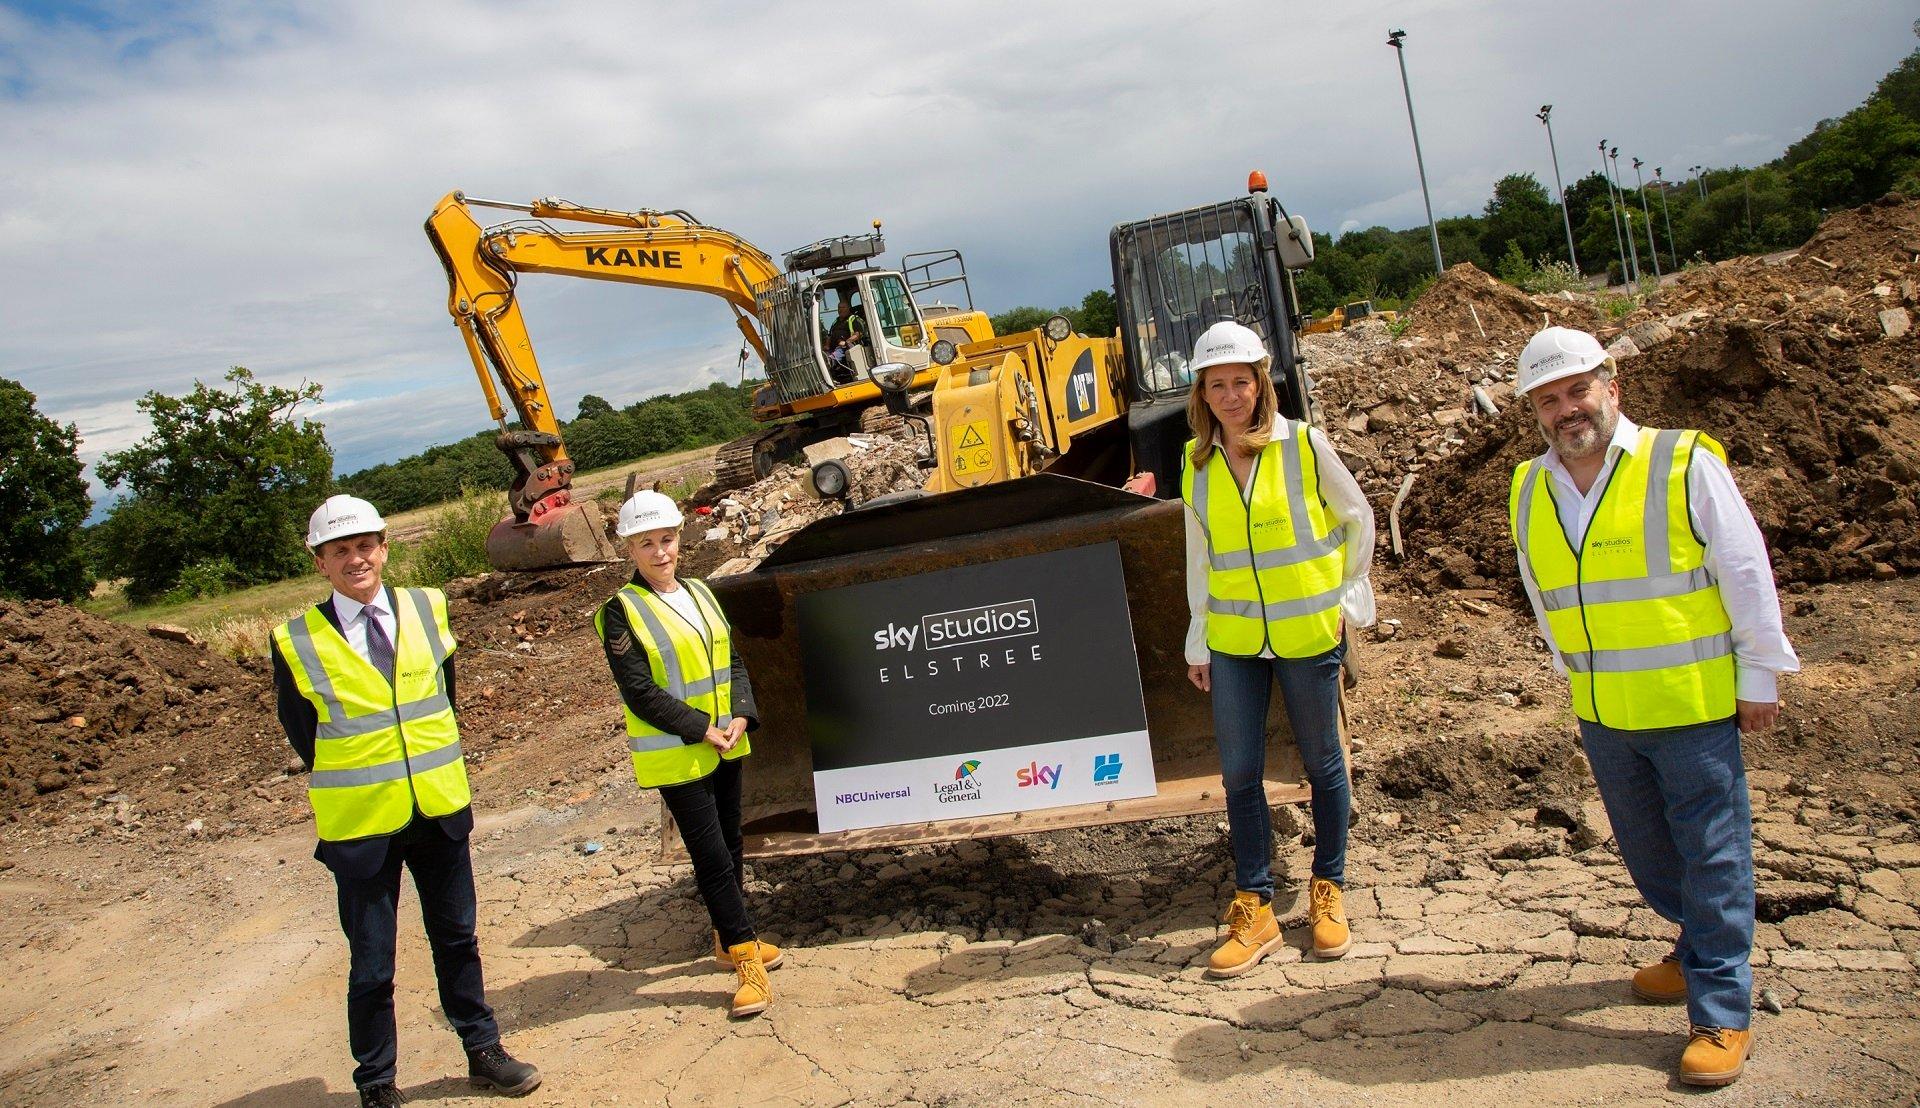 Sky Studios Elstree ottiene il via libera per iniziare le costruzioni